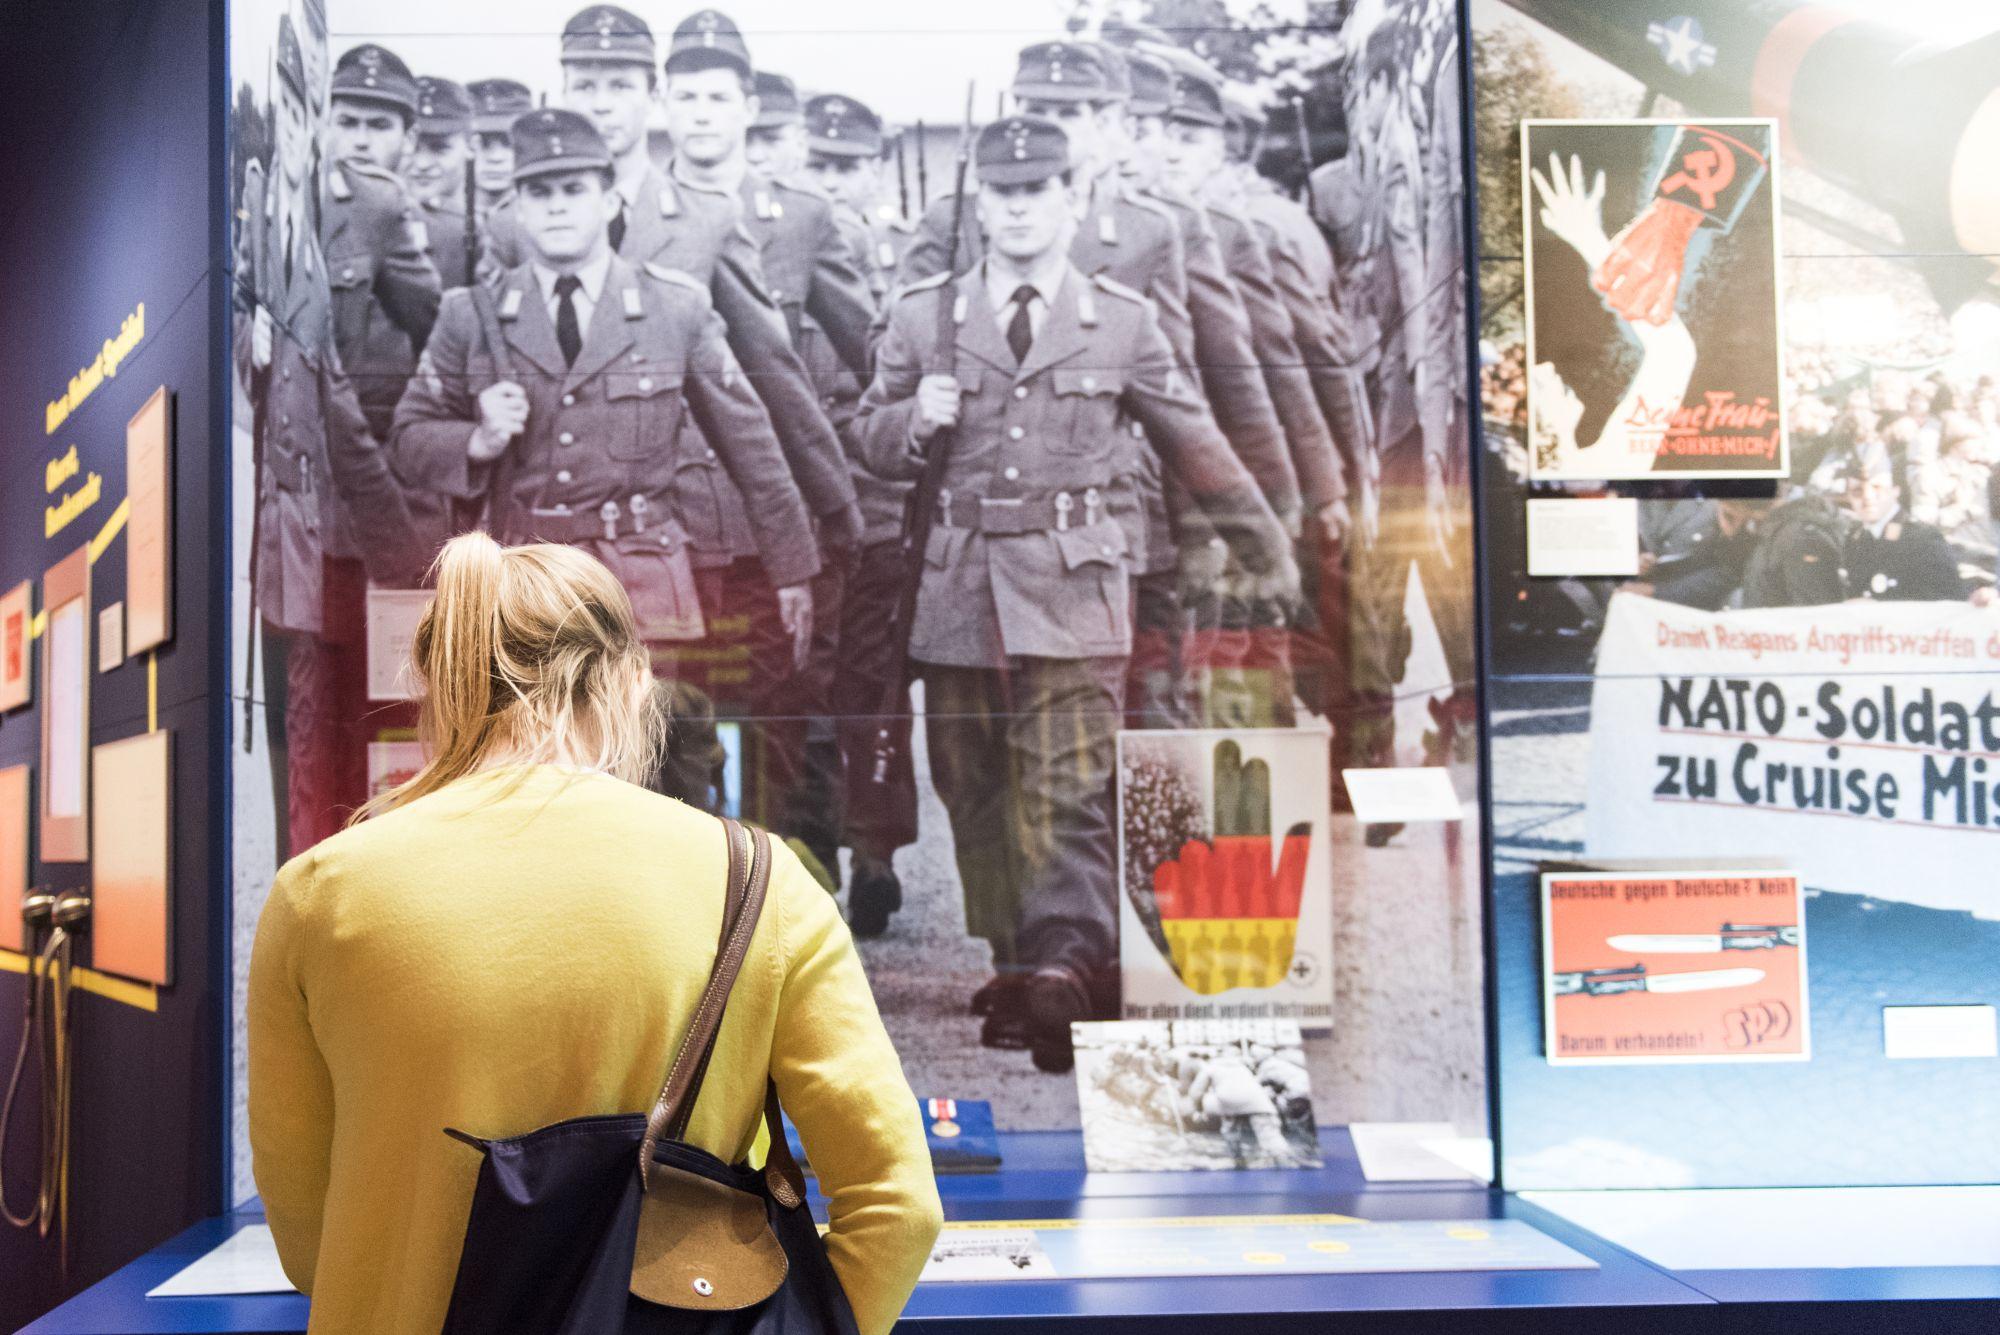 Eine junge Frau in einer gelben Strickjacke mit einer Schultertasche schaut in eine Vitrine, dahinter ein großformatiges Foto von marschierenden Soldaten